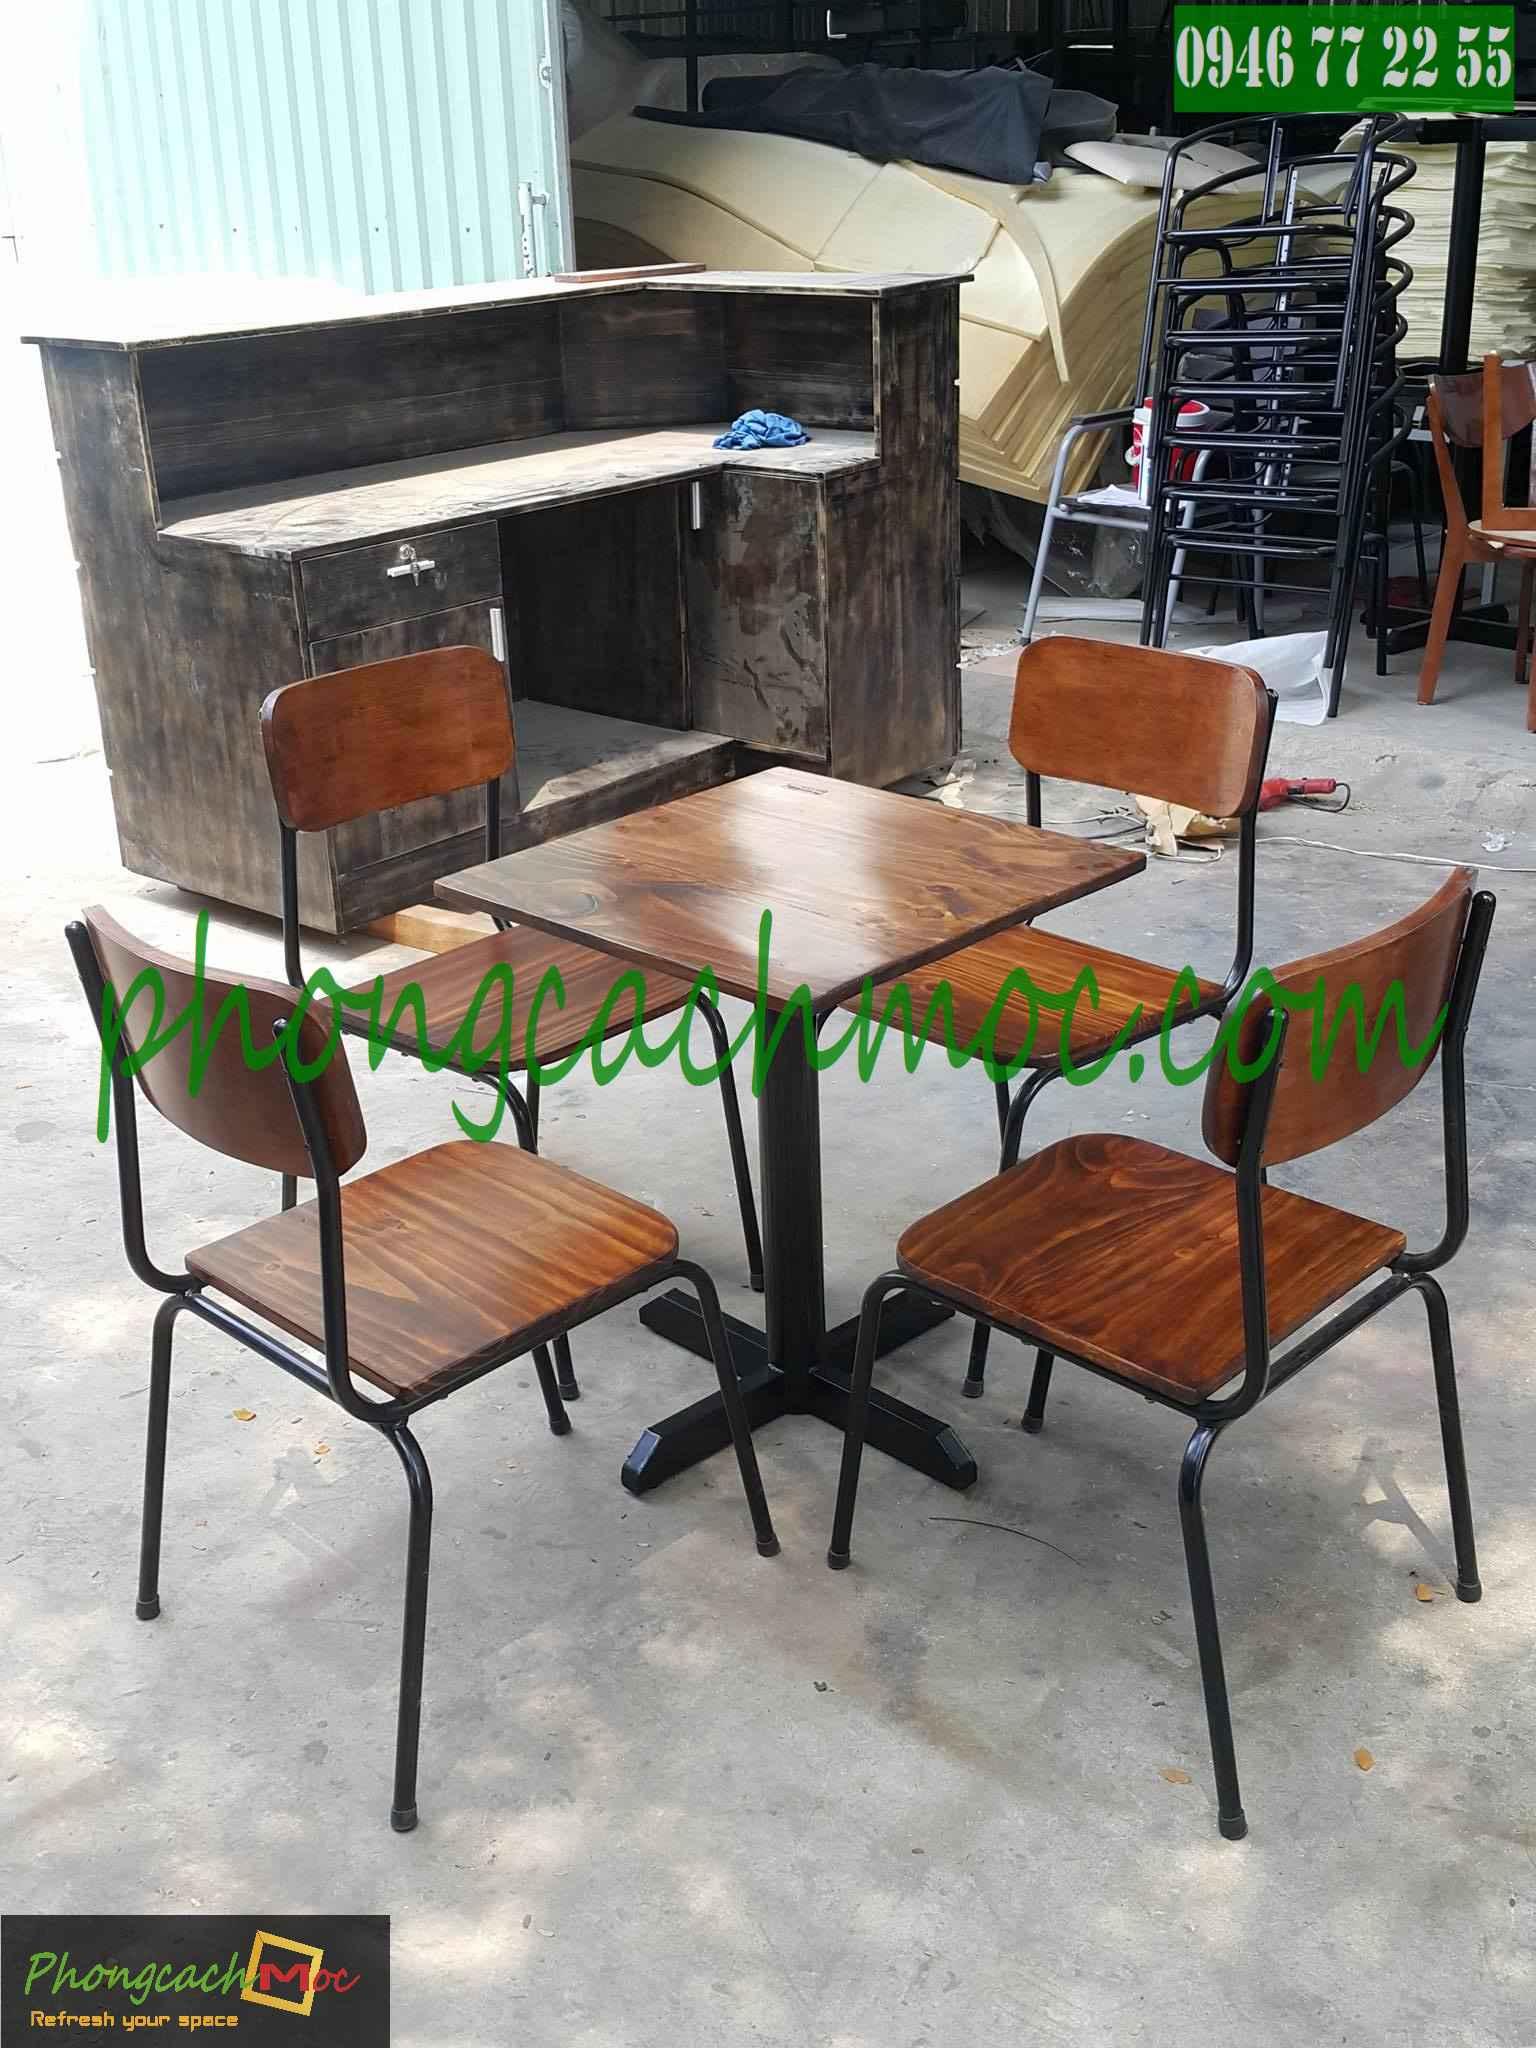 ban-ghe-cafe-mn-153 (3)